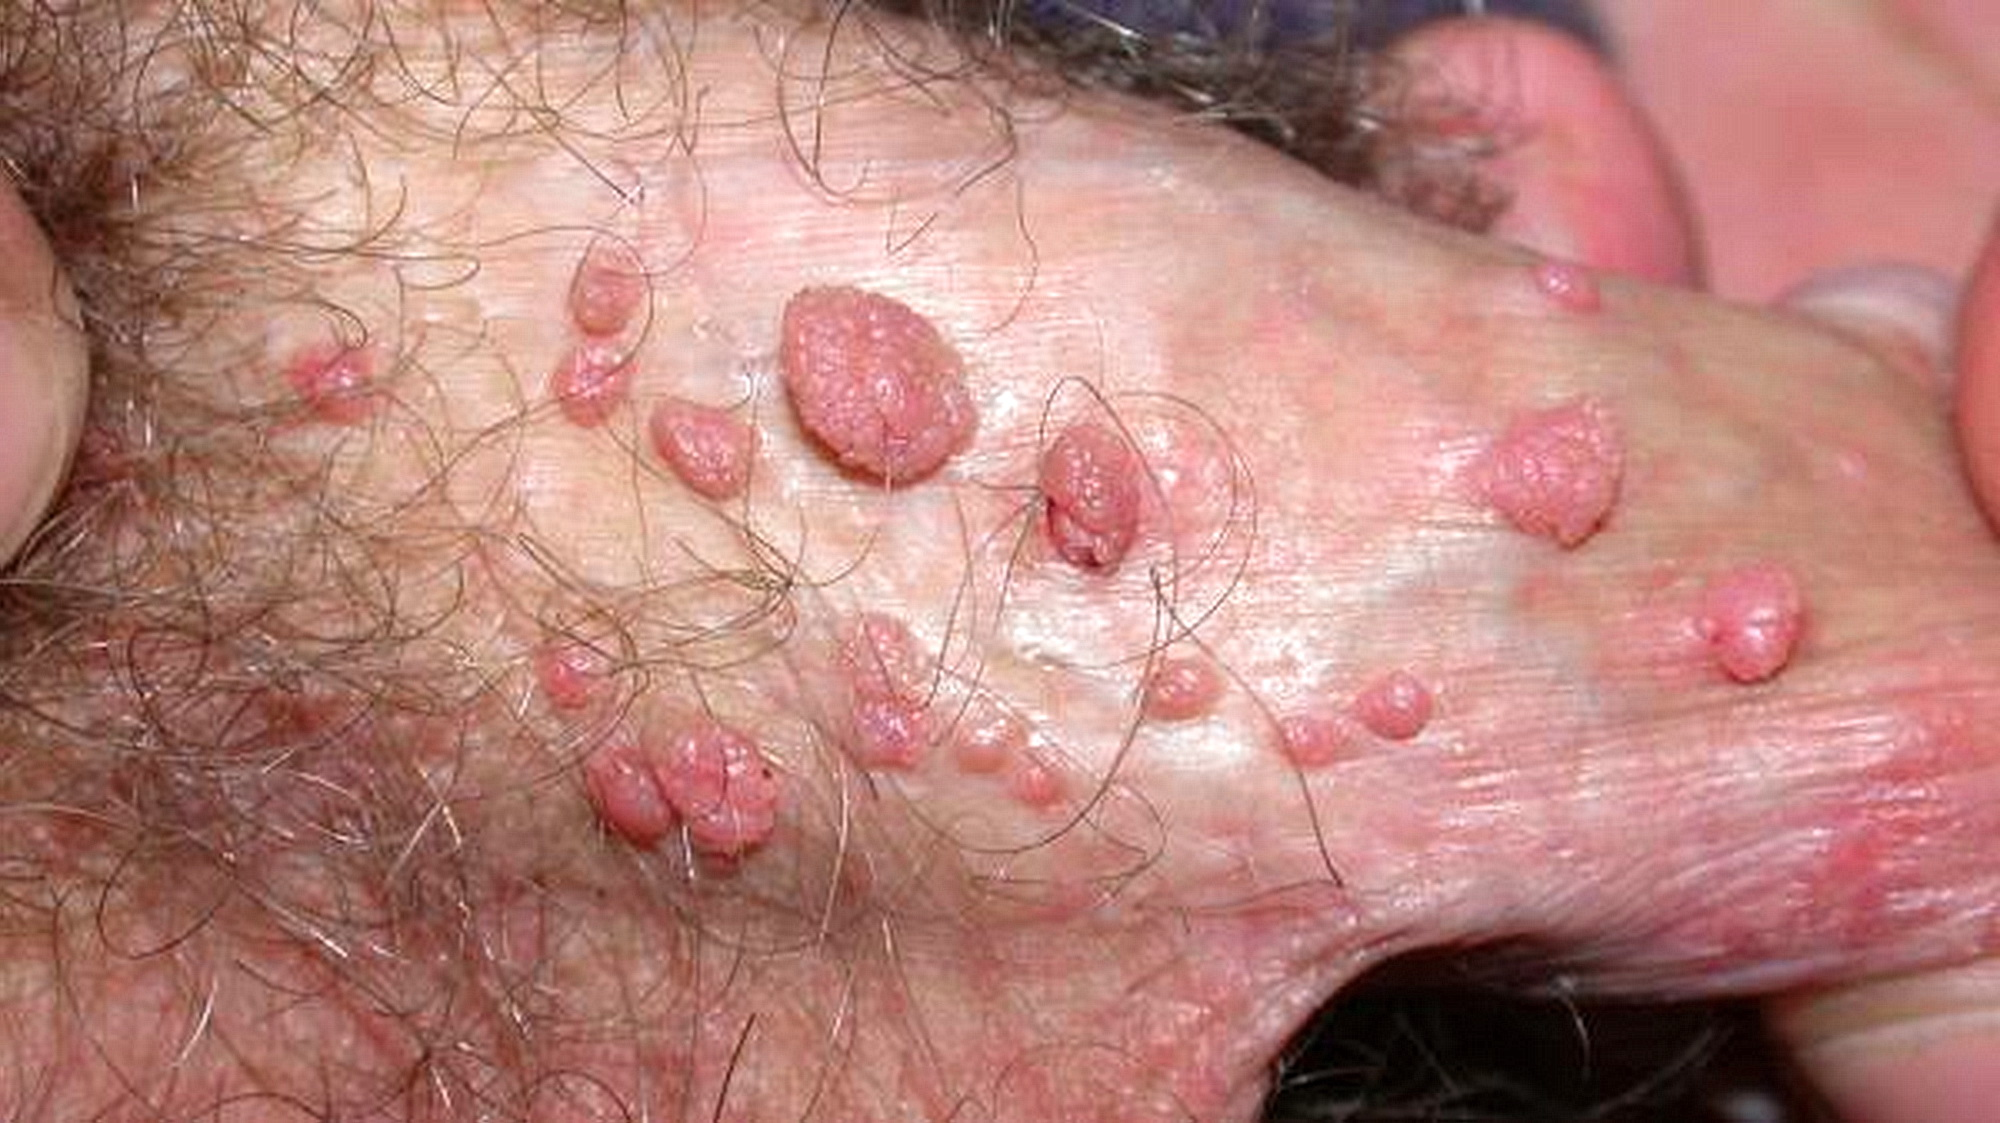 verruche da papilloma virus